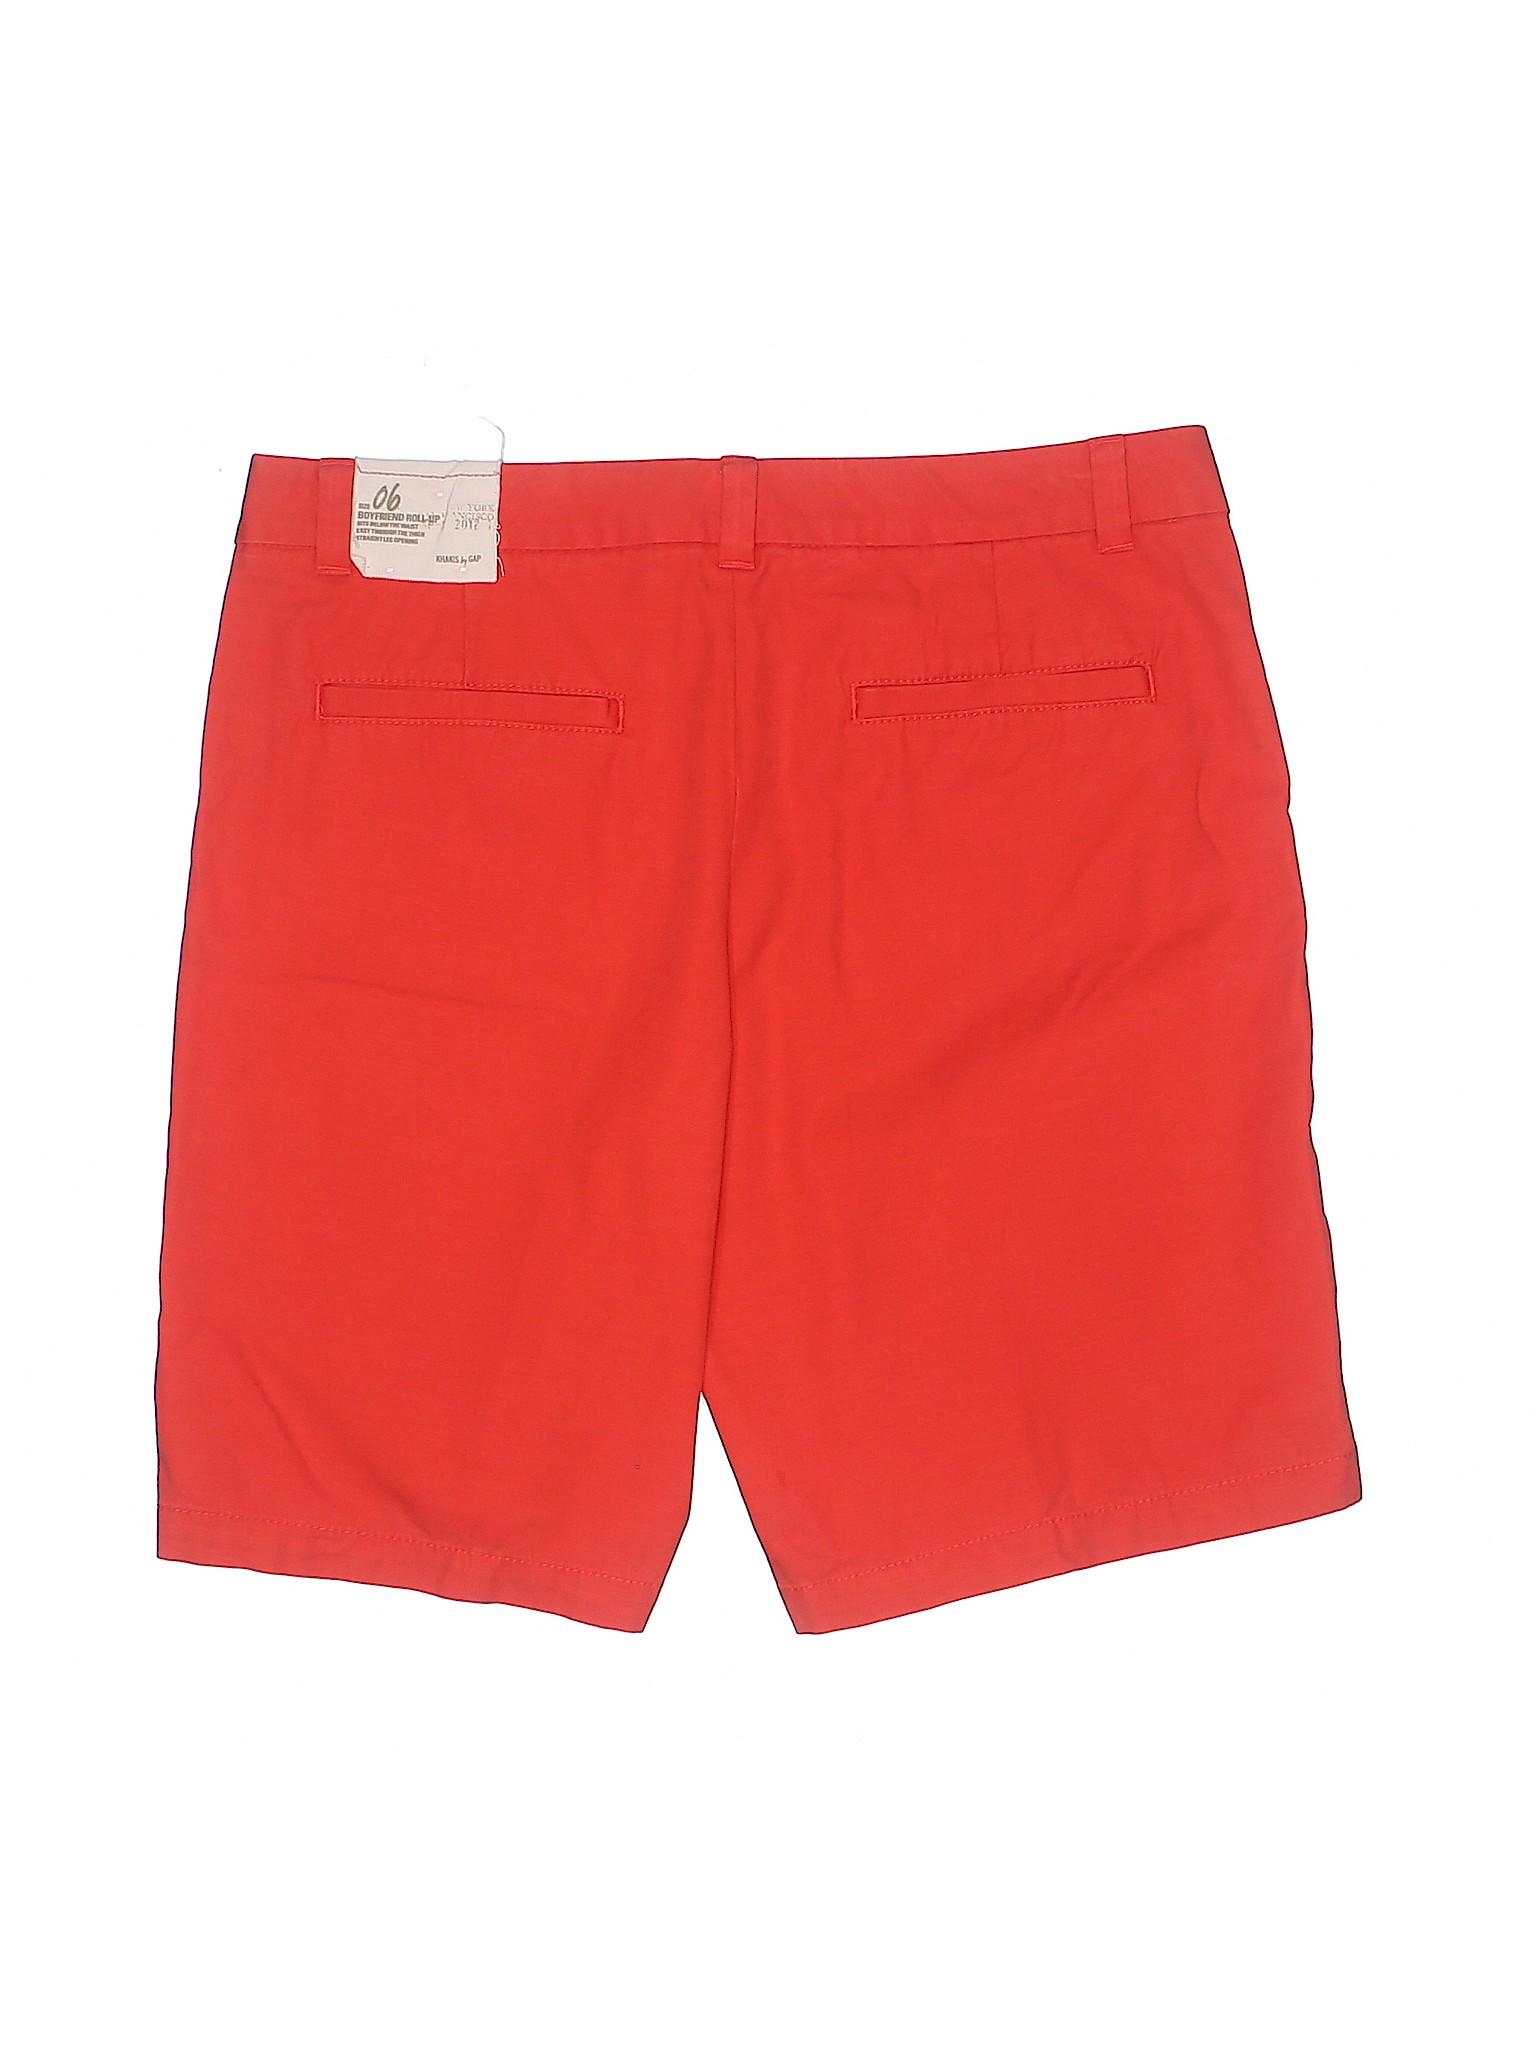 Khaki Shorts Gap Boutique Boutique Boutique Gap Shorts Khaki wqSBEB